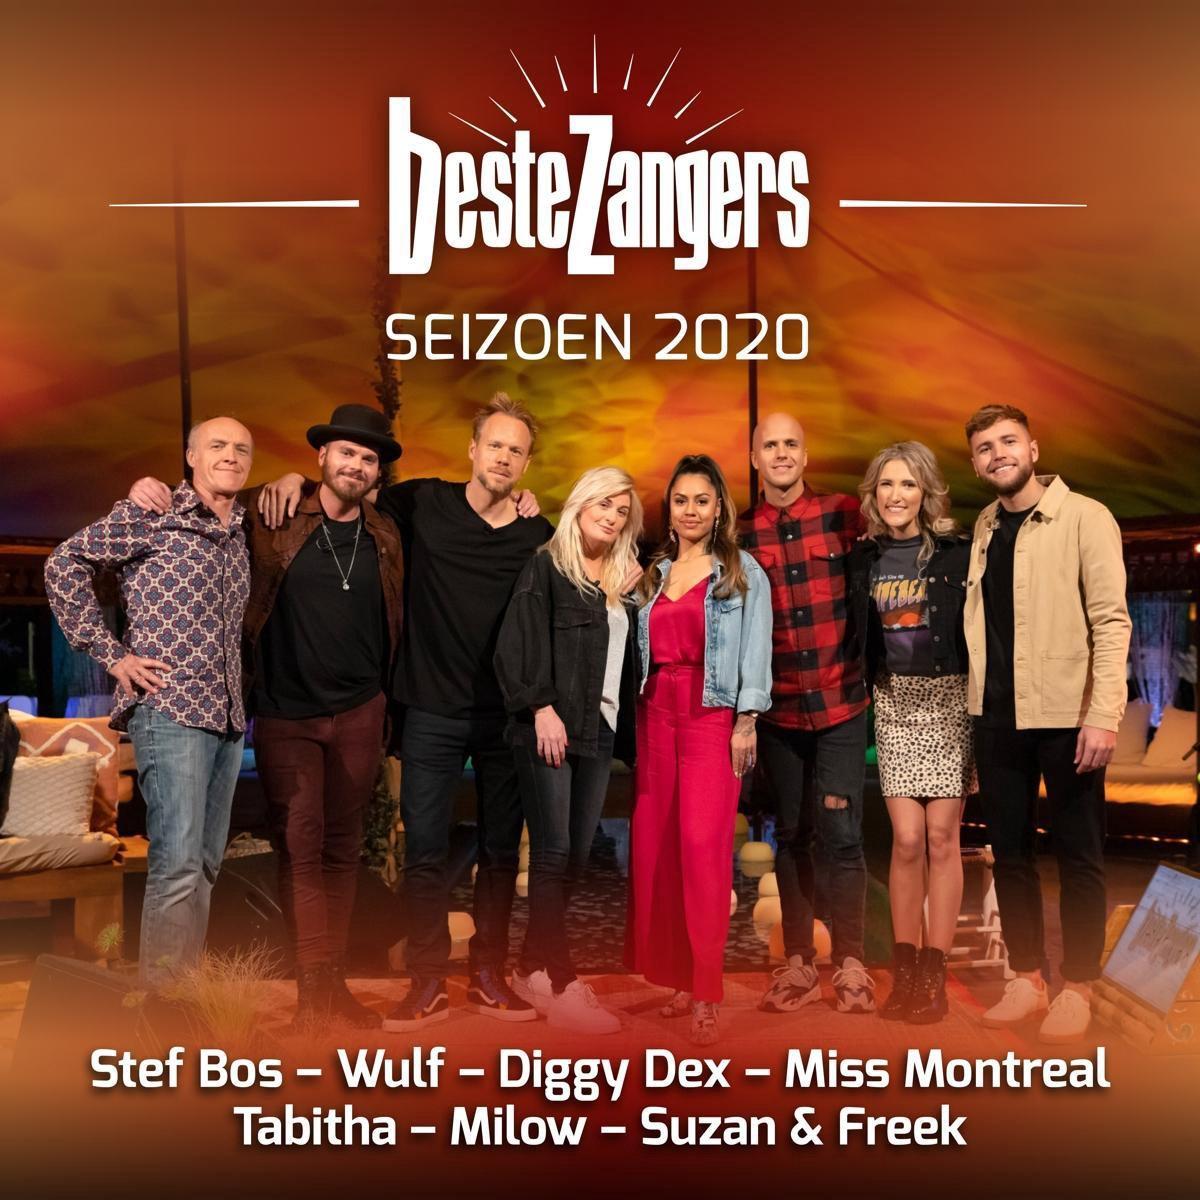 Beste Zangers Seizoen 2020 - De Beste Zangers